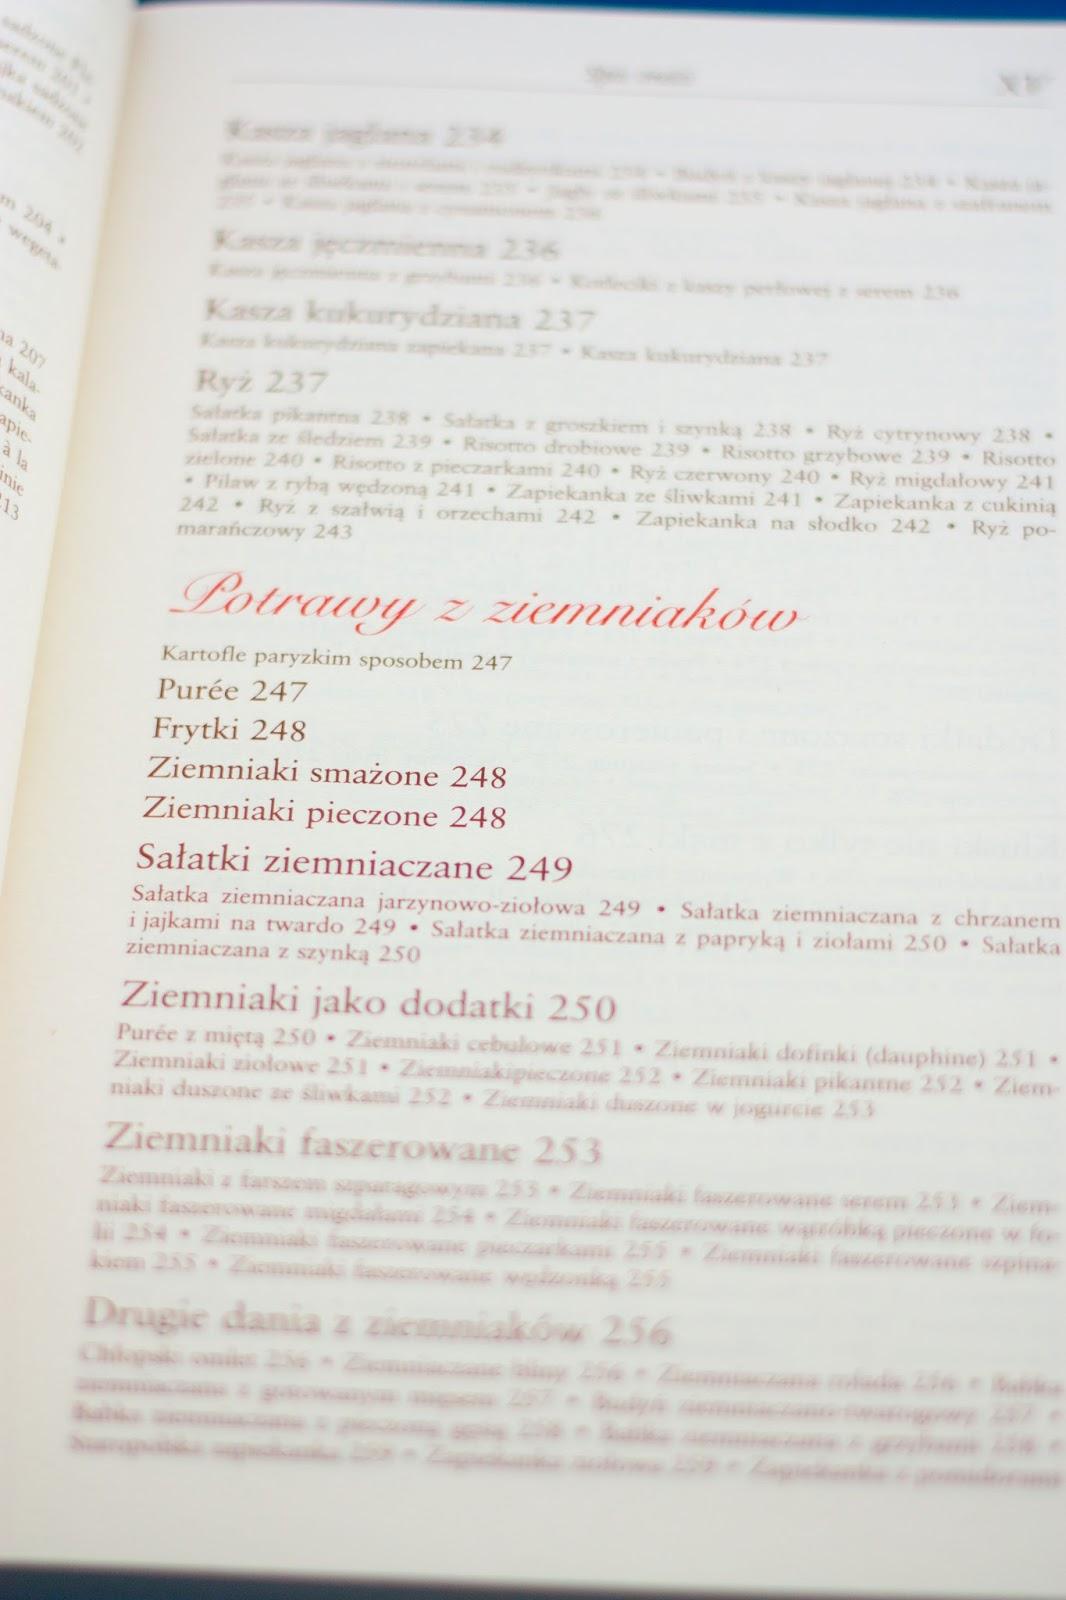 Prawdziwa Kuchnia Polska Recenzja Dusiowa Kuchnia Blog Kulinarny